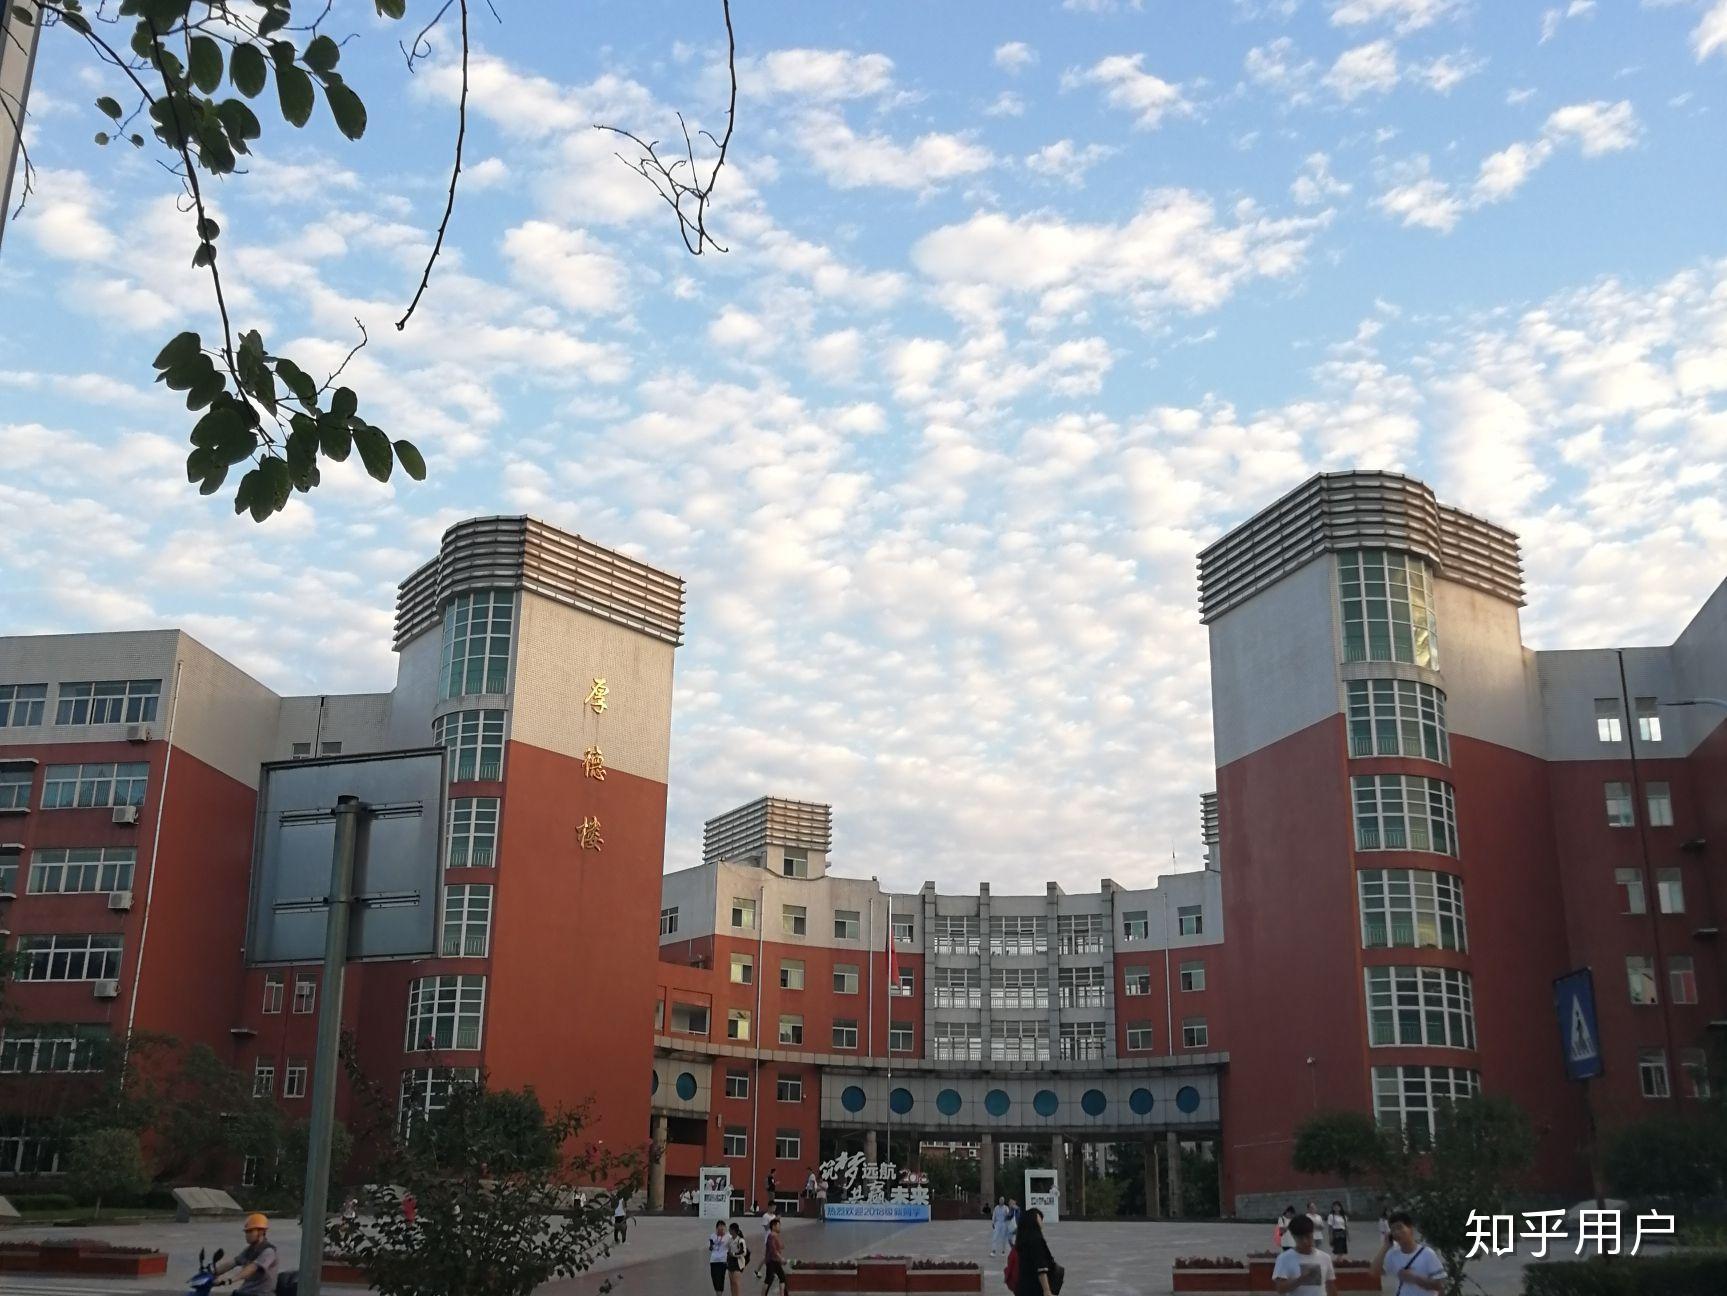 大学生寝室生活_四川轻化工大学的宿舍条件如何?校区内有哪些生活设施? - 知乎